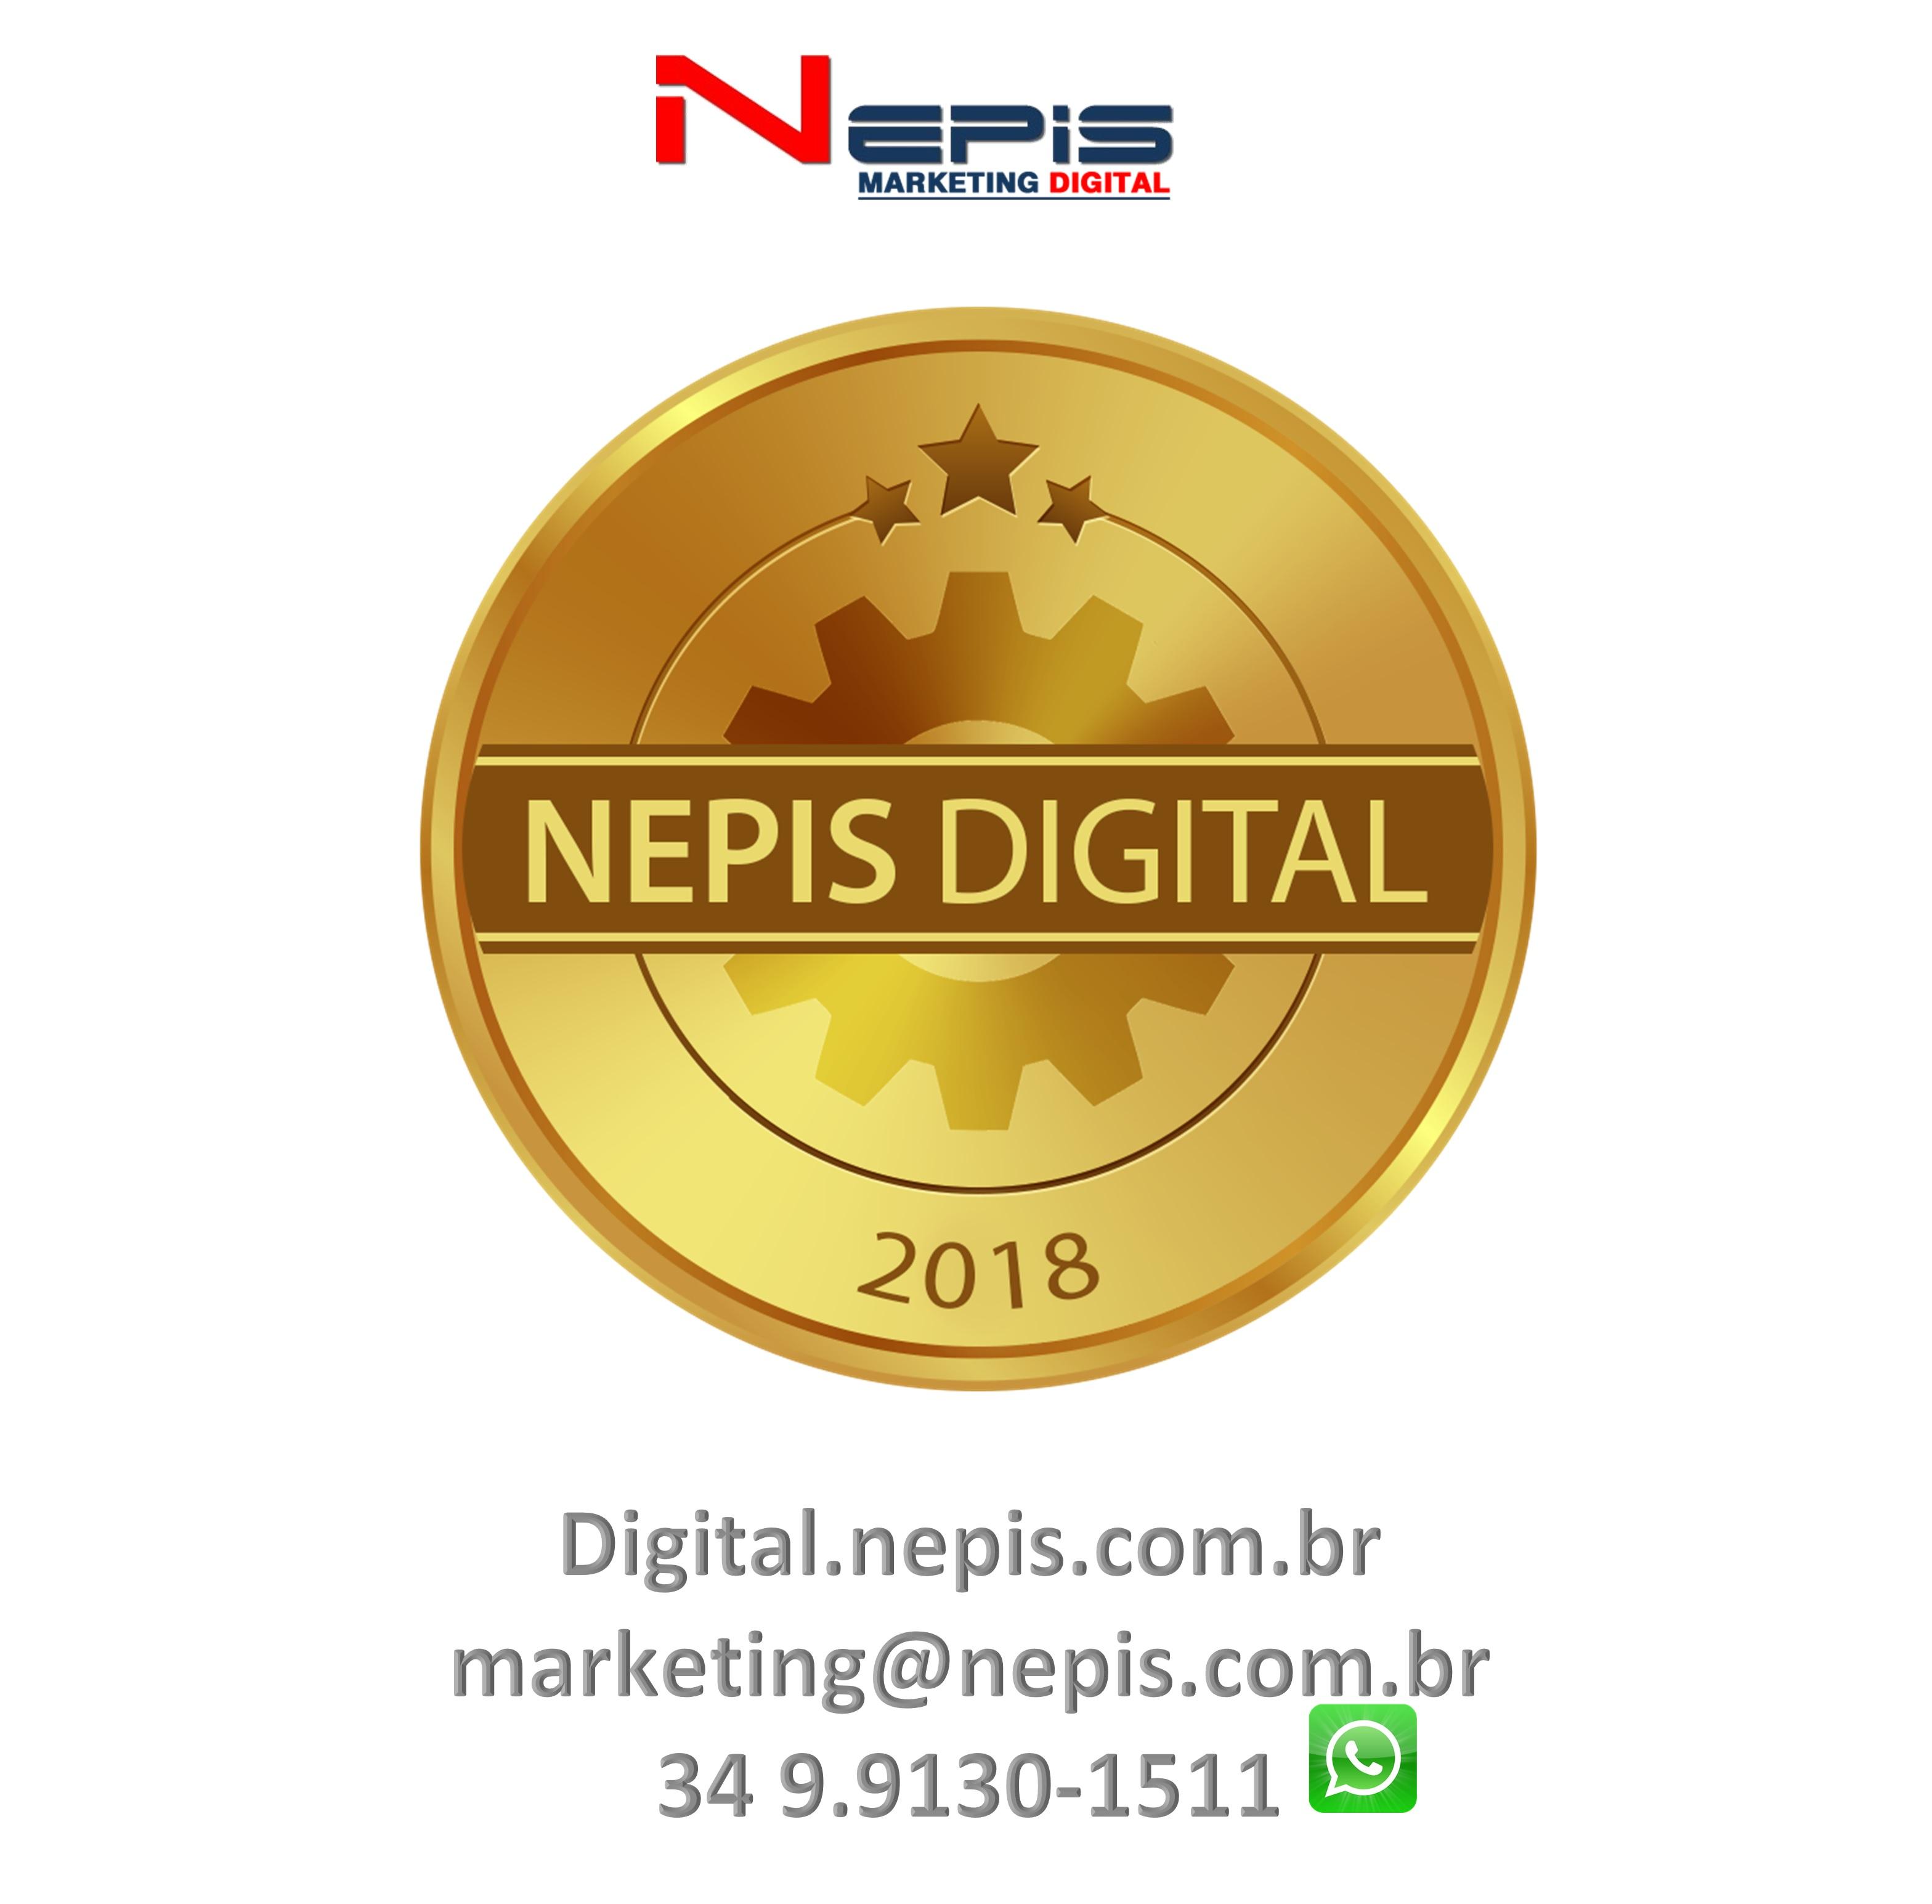 NEPIS Digital Publicidade NEPIS